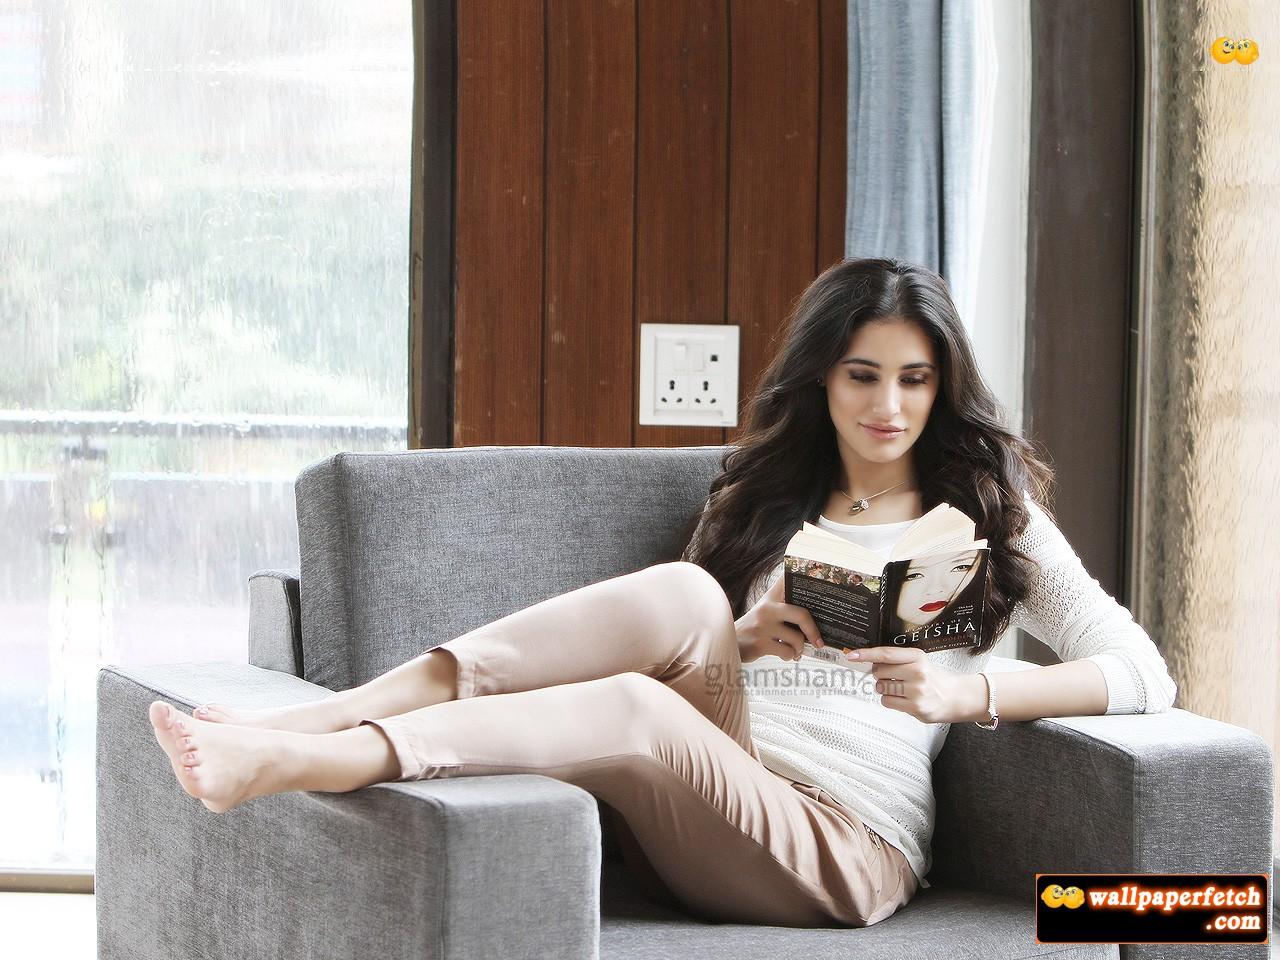 Celebrities Hd Wallpaper Download Nargis Fakhri Hd: Wallpaper Fetch: Nargis Fakhri HD Wallpapers